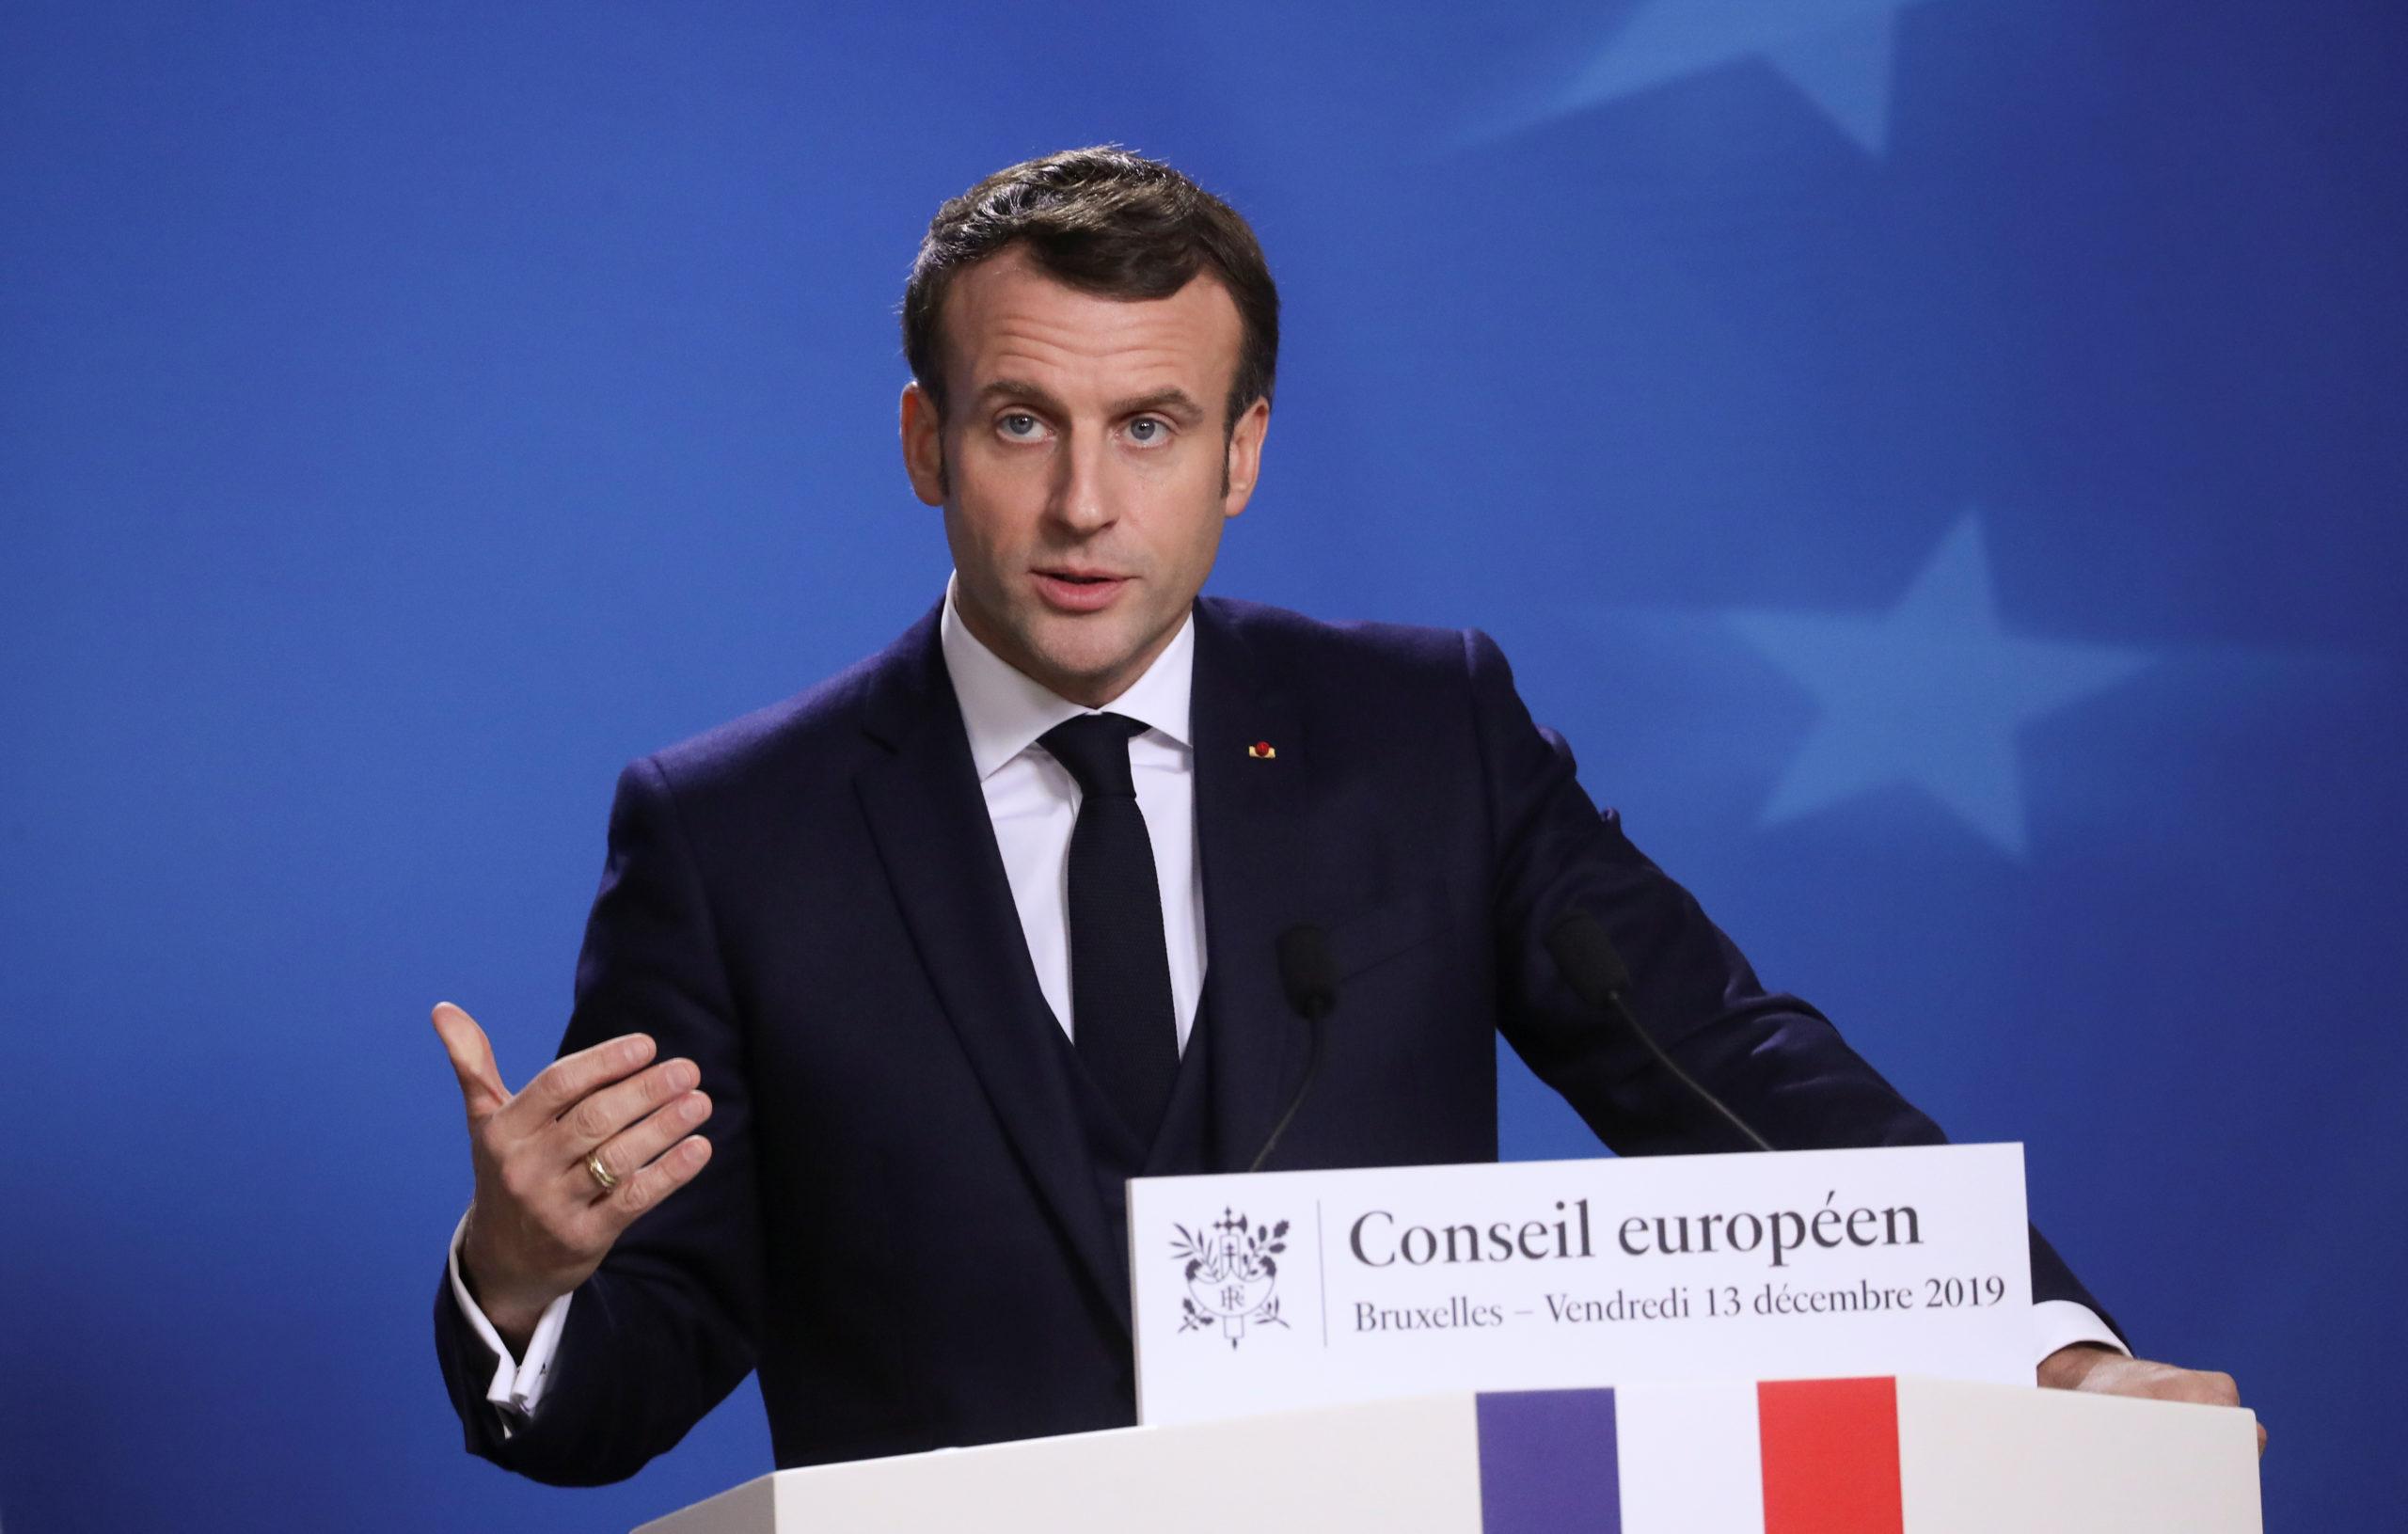 """Emmanuel Macron a estimé vendredi que le """"temps de la clarté"""" était venu avec la victoire du parti conservateur du Premier ministre Boris Johnson aux élections britanniques, et a appelé à une ratification de l'accord sur le Brexit au plus vite. /Photo prise le 13 décembre 2019/REUTERS/Yves Herman"""